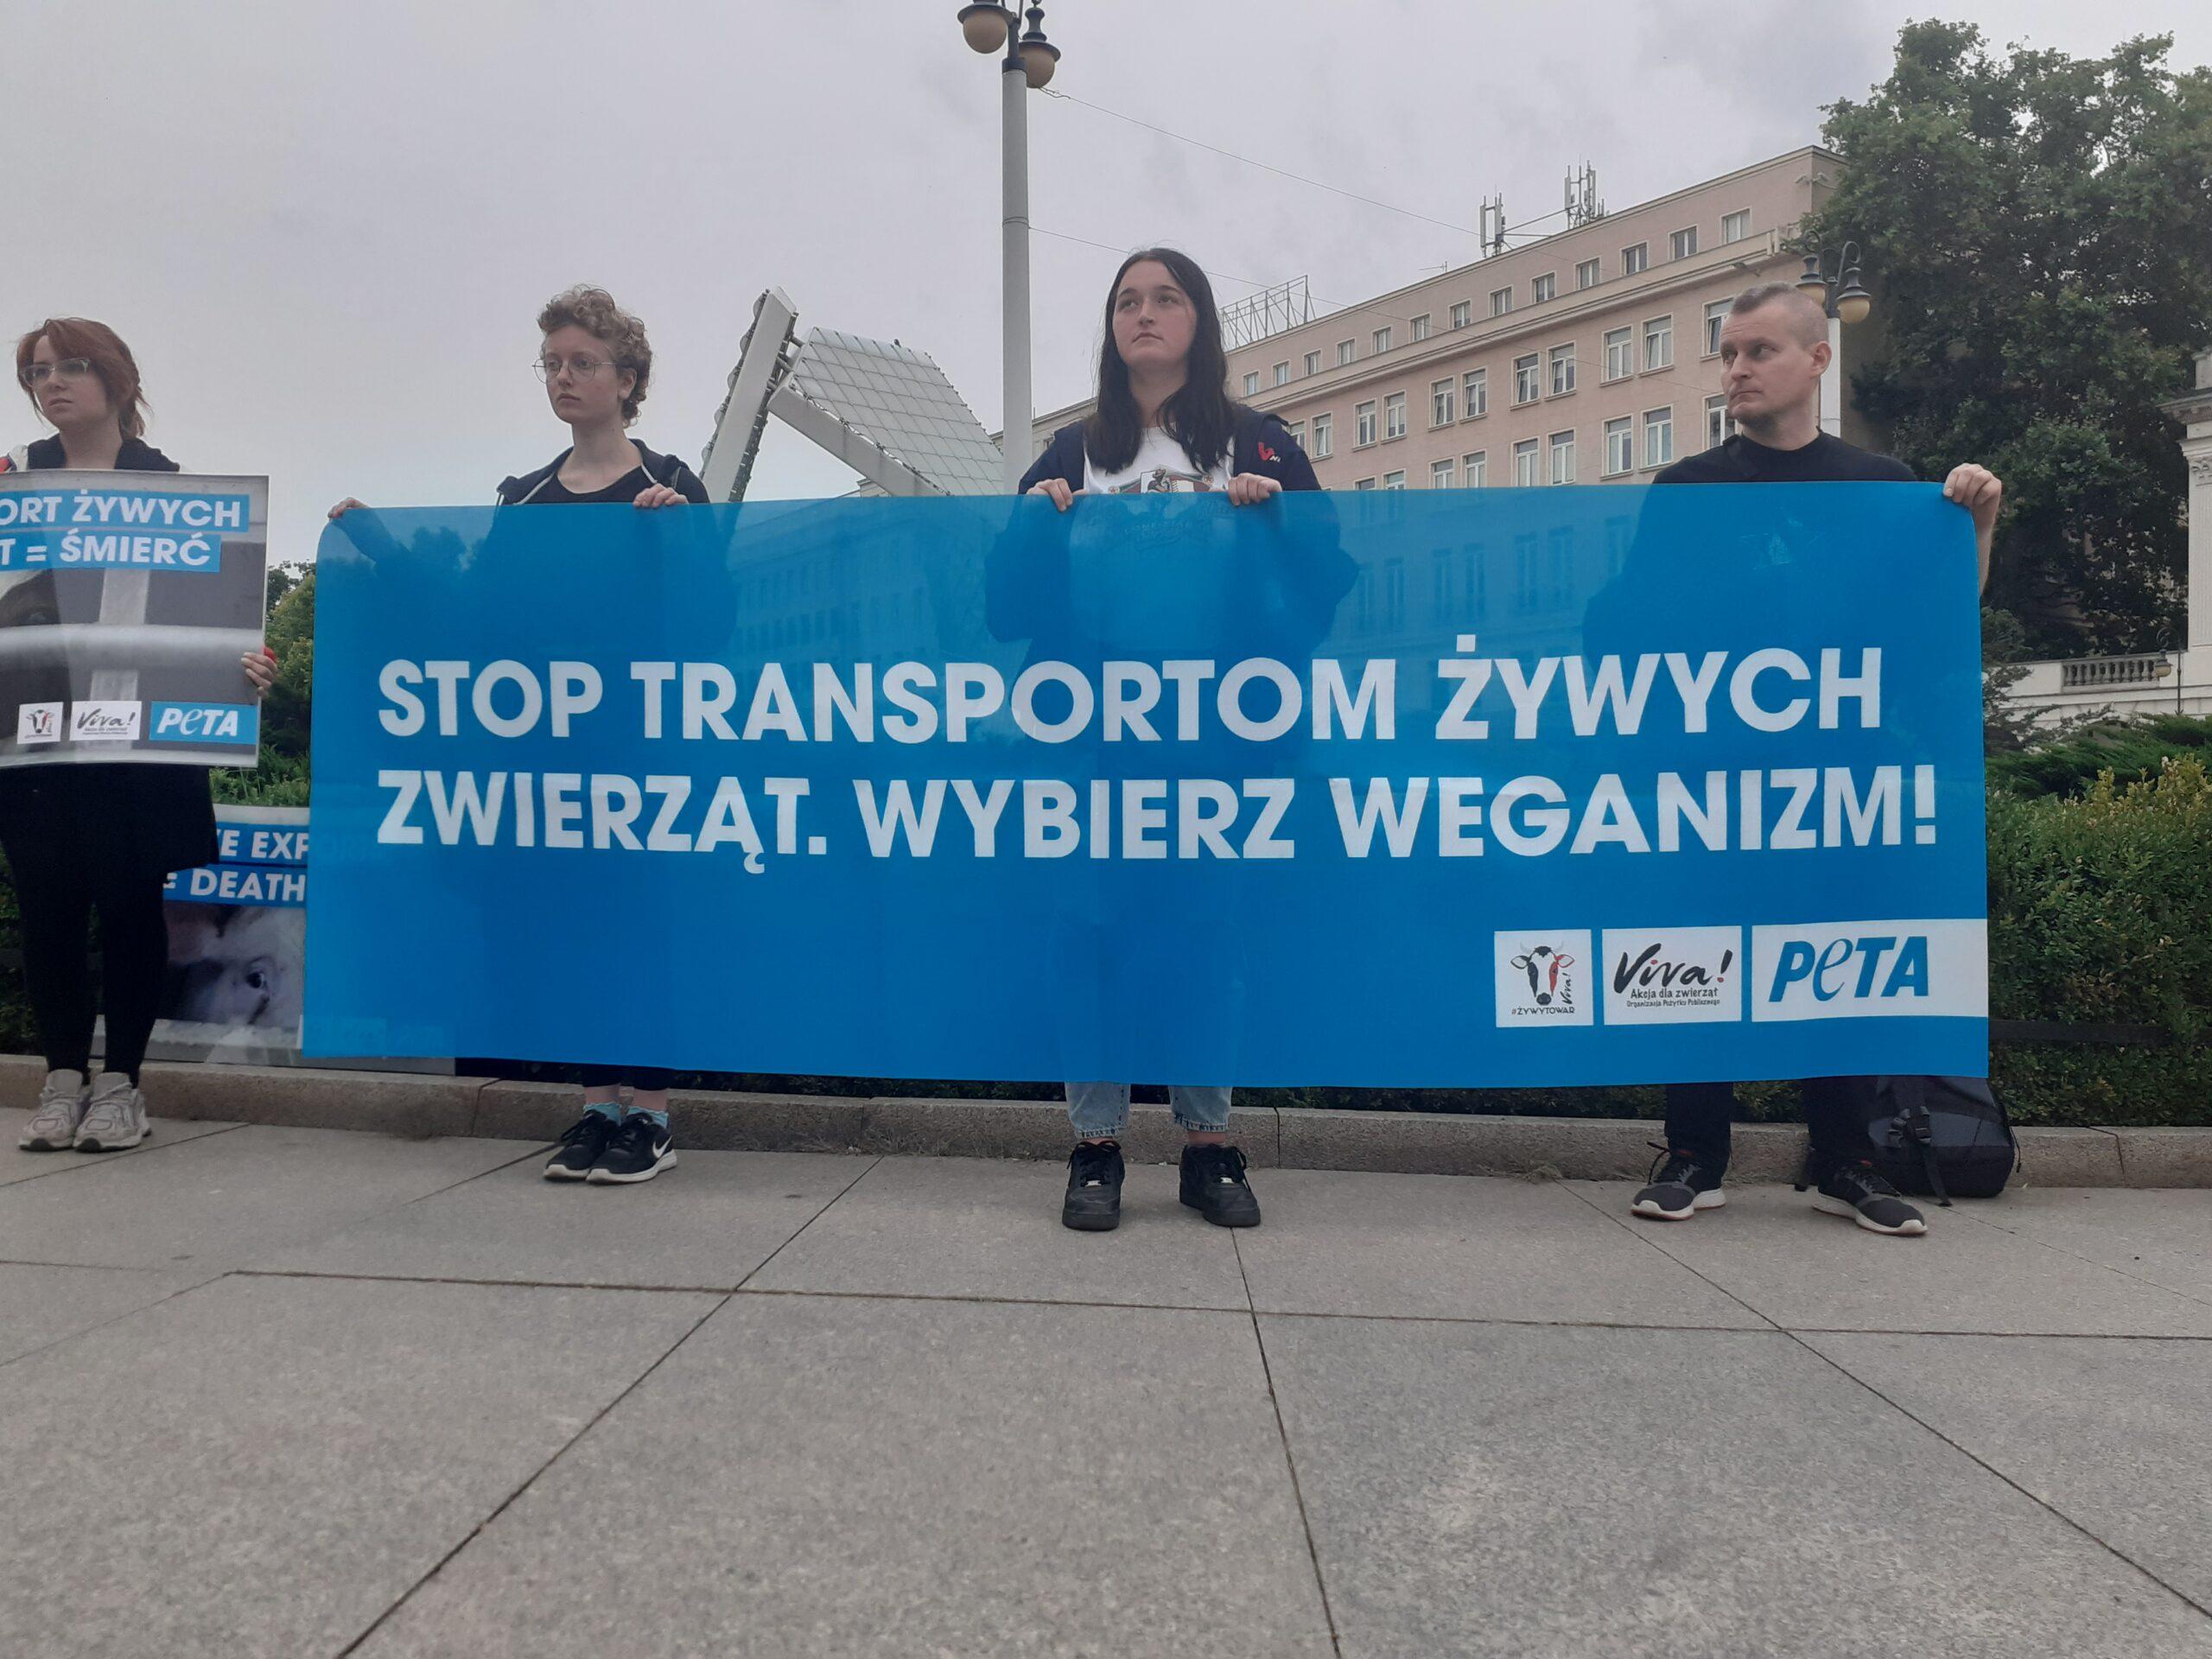 Chcą zakazu długodystansowego transportu żywych zwierząt. Protest na Placu Wolności